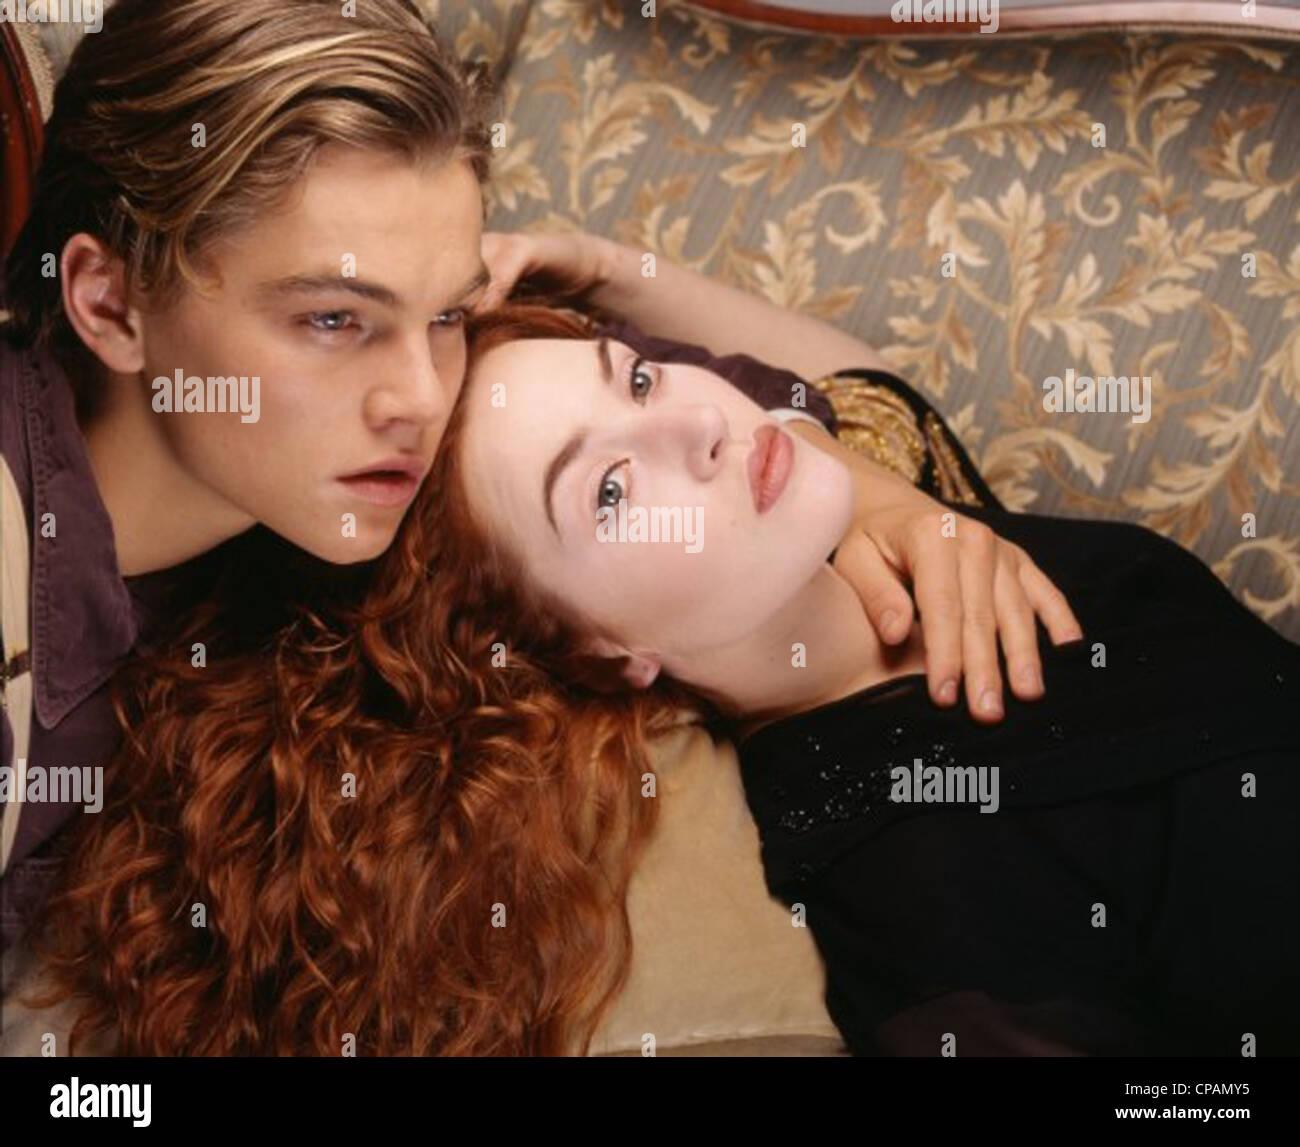 titanic (1997) leonardo dicaprio, kate winslet, james cameron (dir